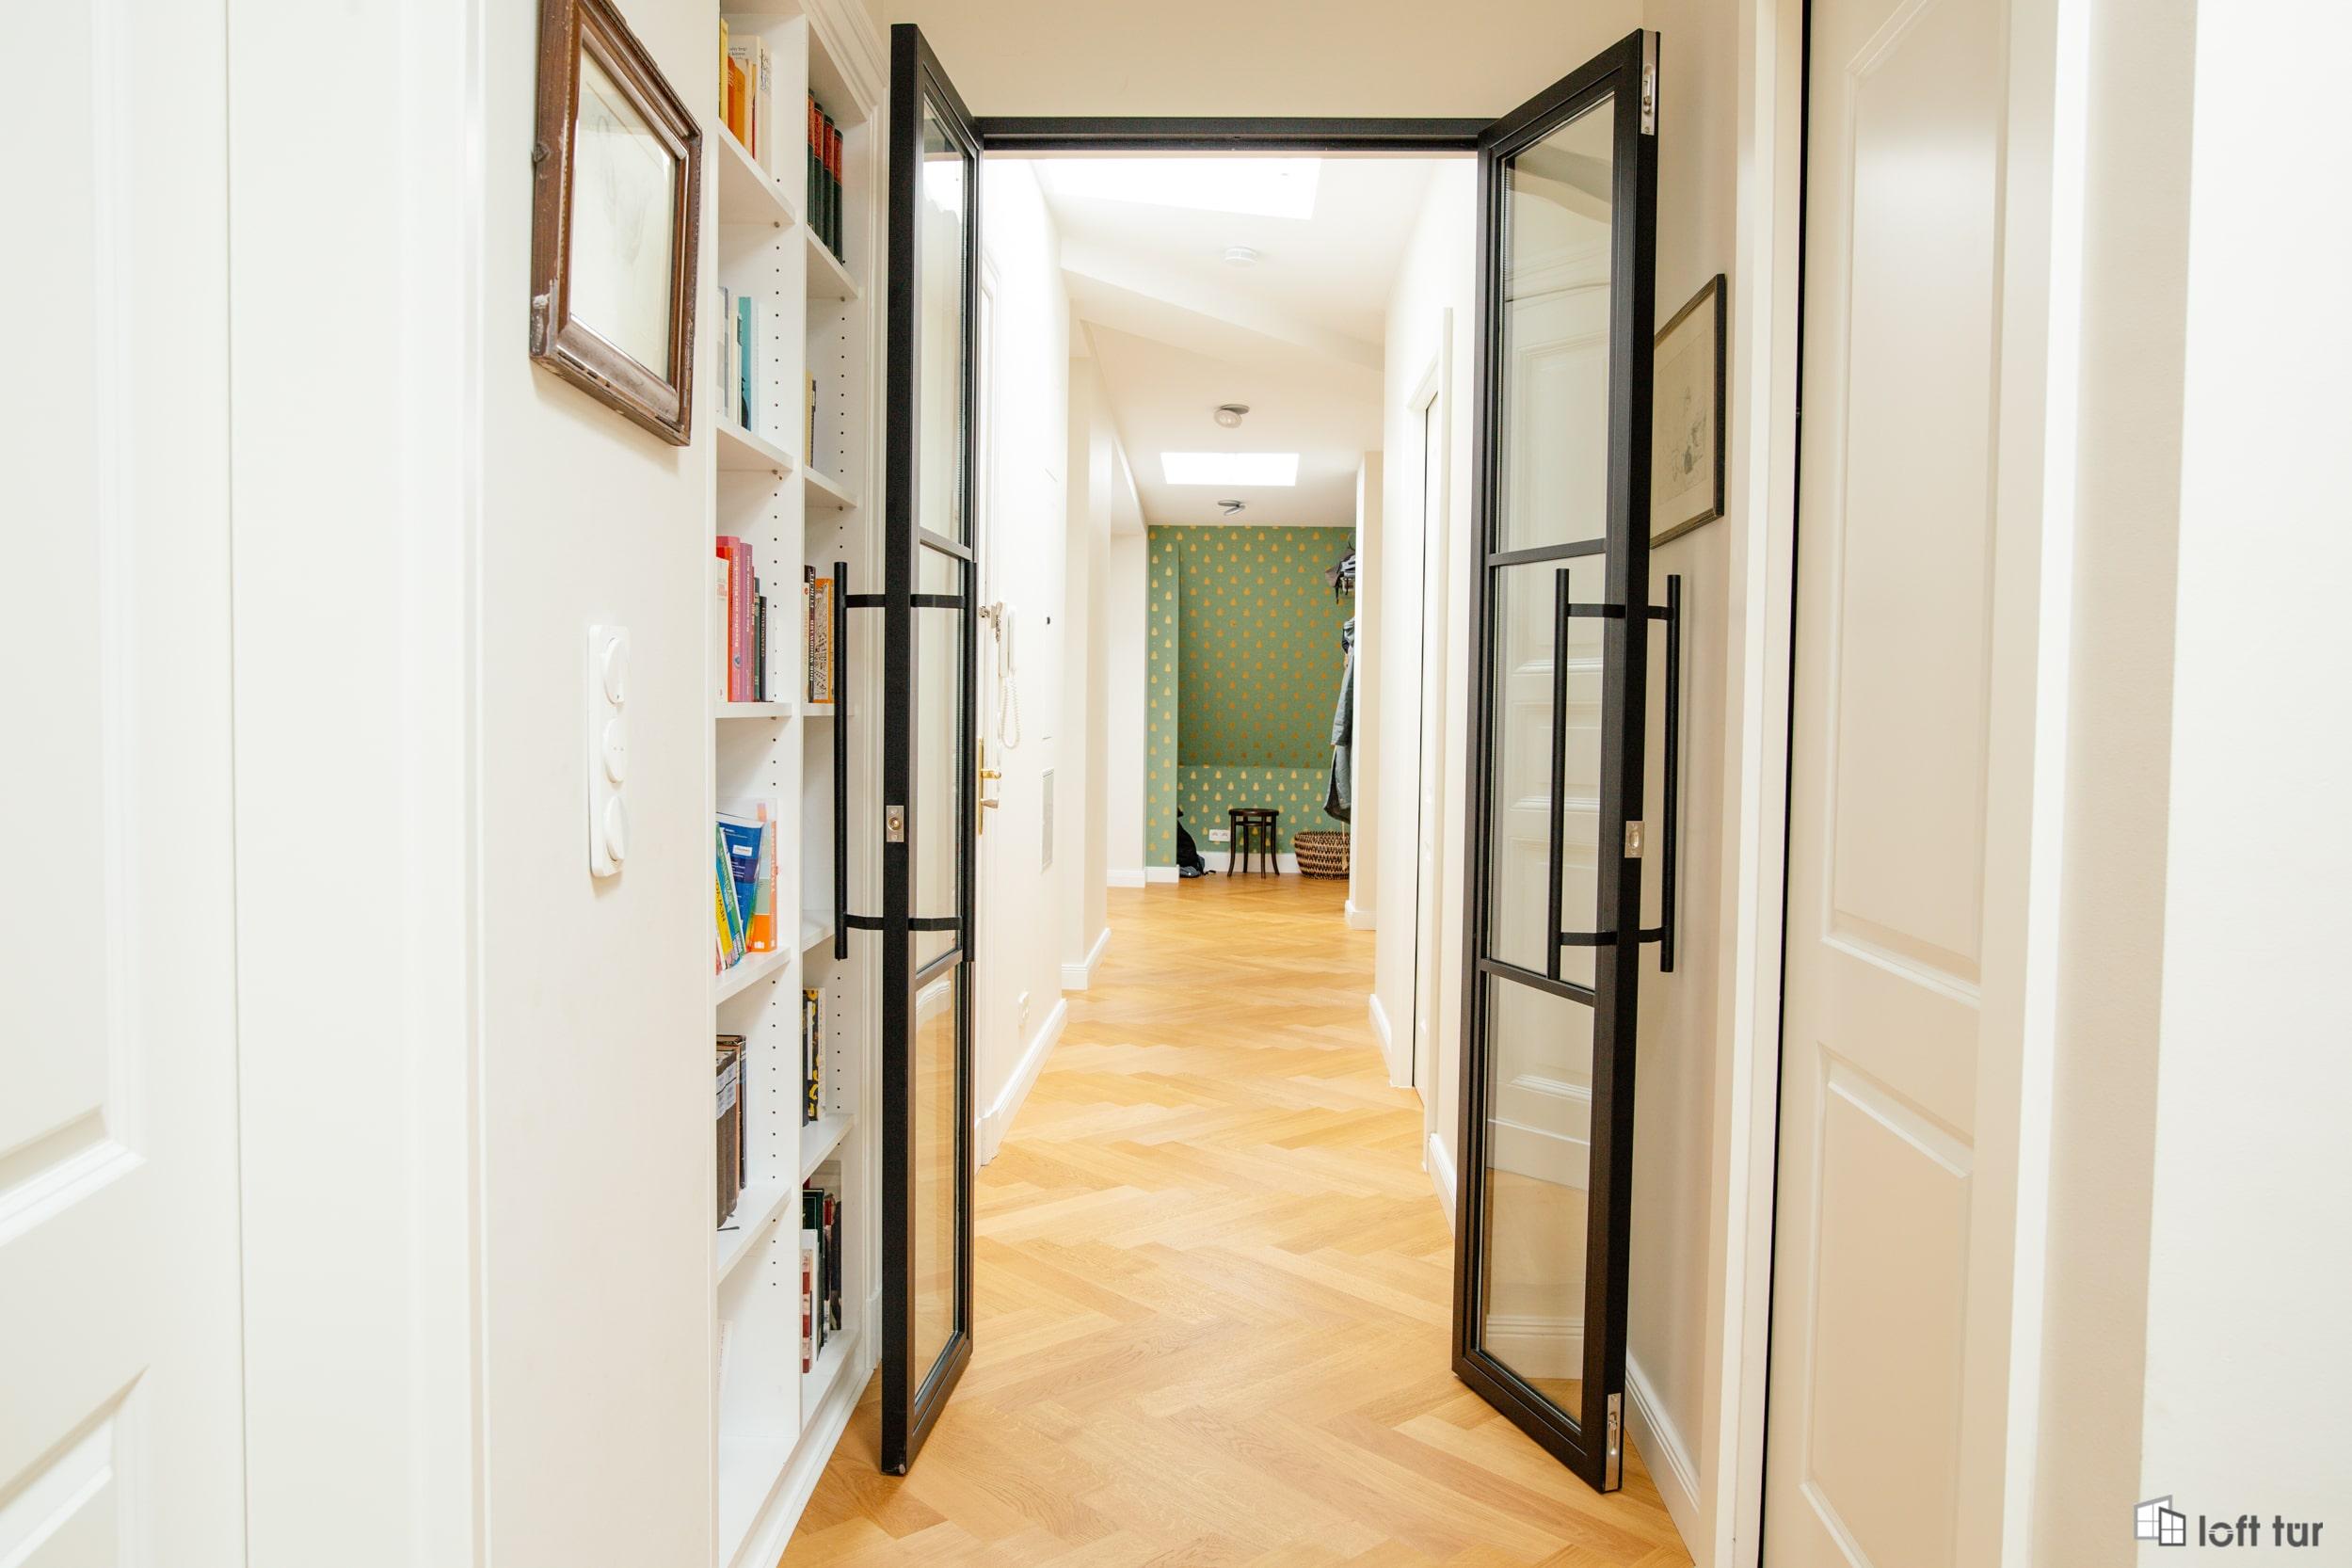 Loft Tür im Flur, Wohnbereich